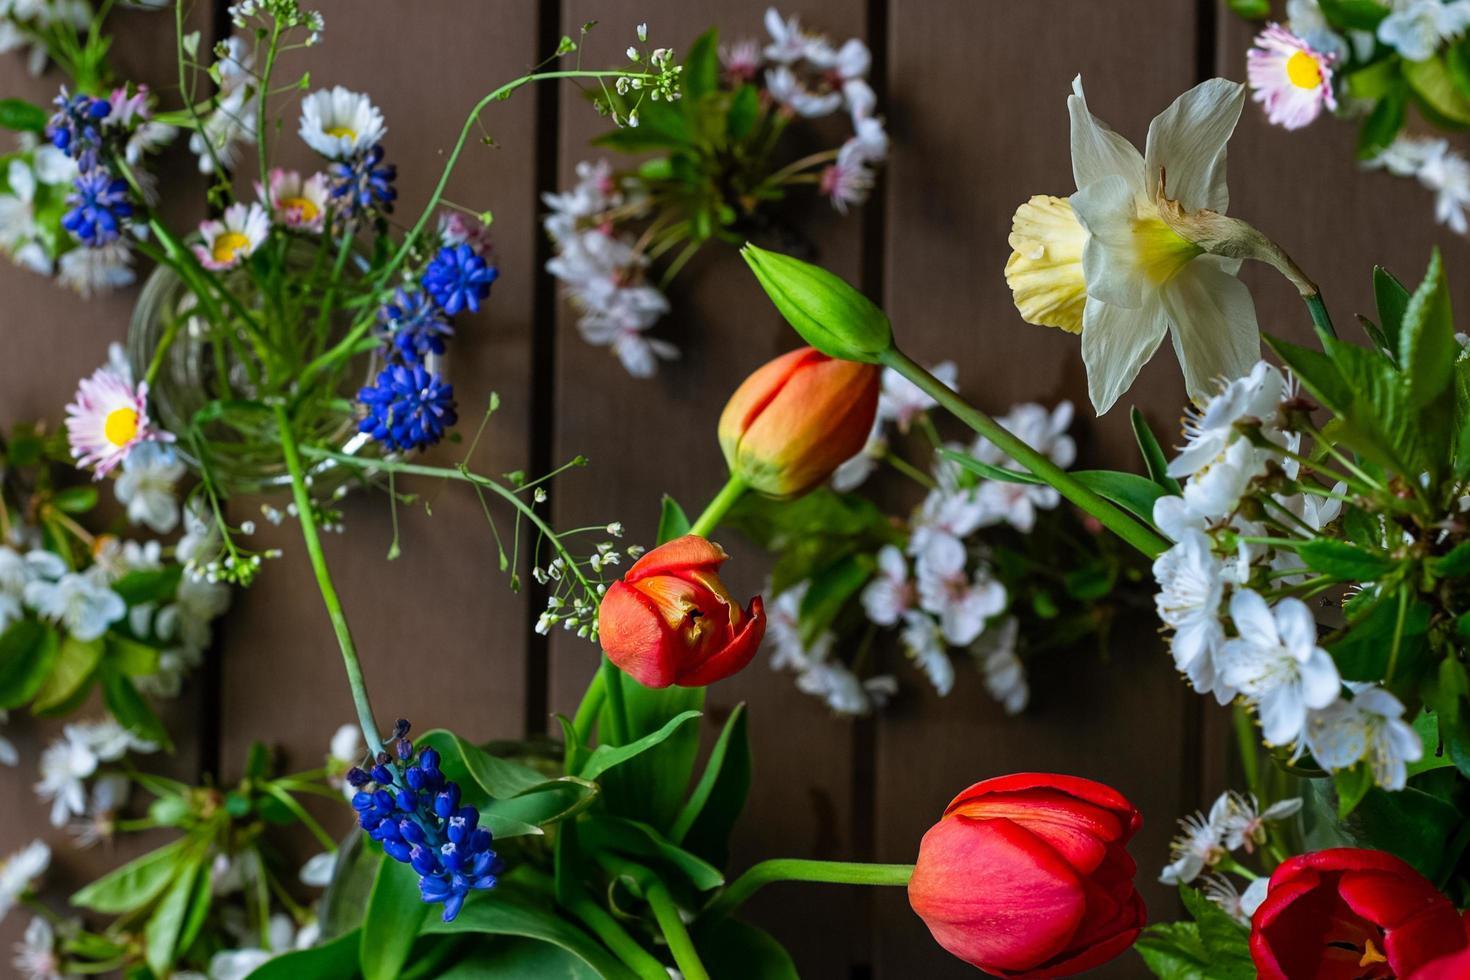 sfondo floreale di tulipani rossi, margherite di campo, muscaris, narcisi, fiori di ciliegio foto